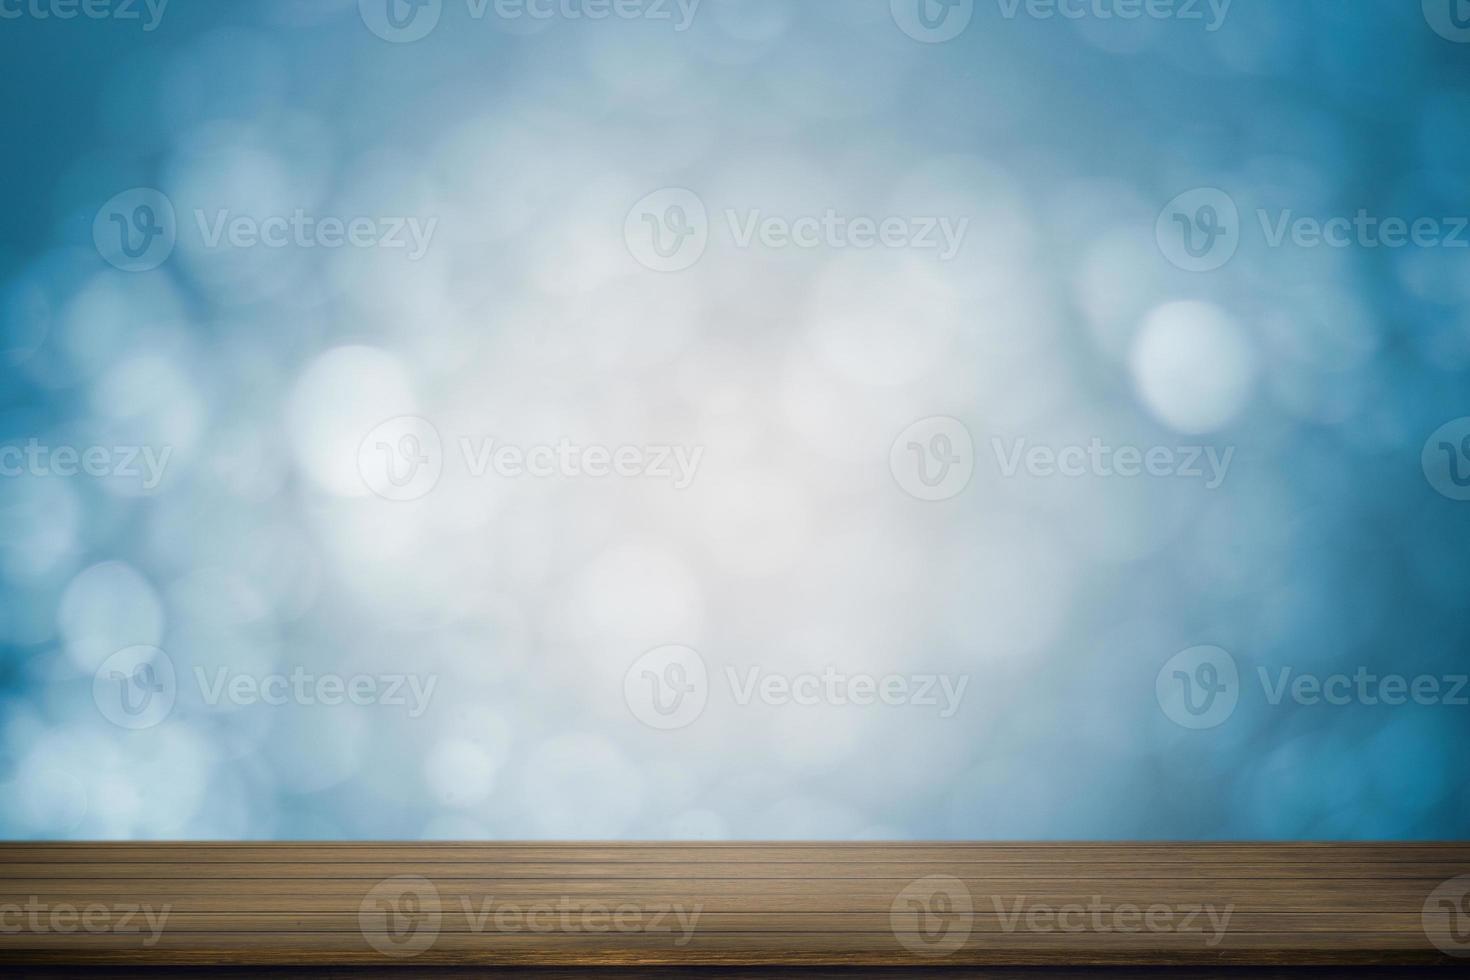 tavolo in legno con morbido sfondo blu bokeh foto